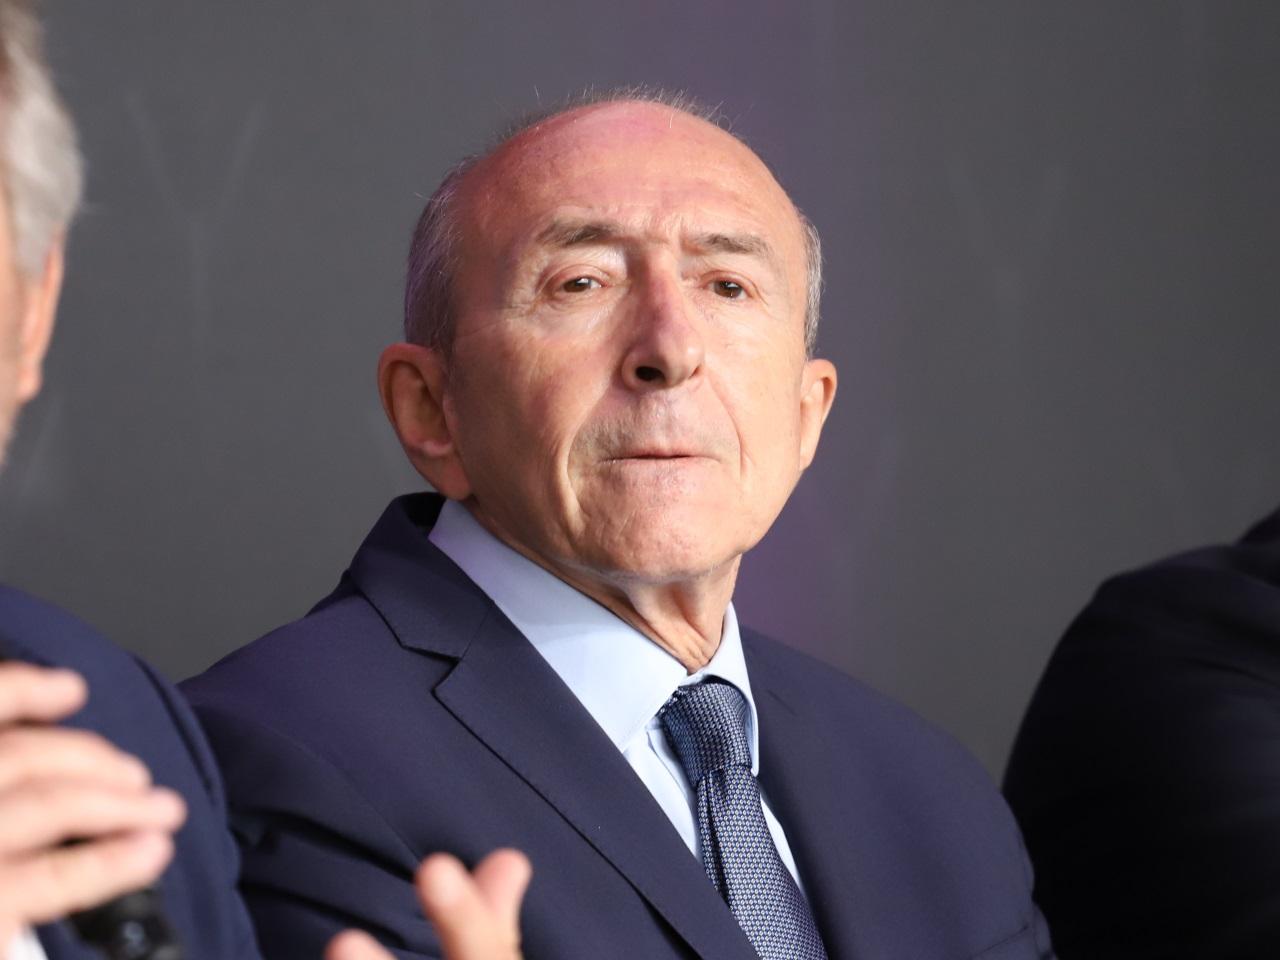 Les communistes de la Métropole de Lyon s'attaquent à Gérard Collomb